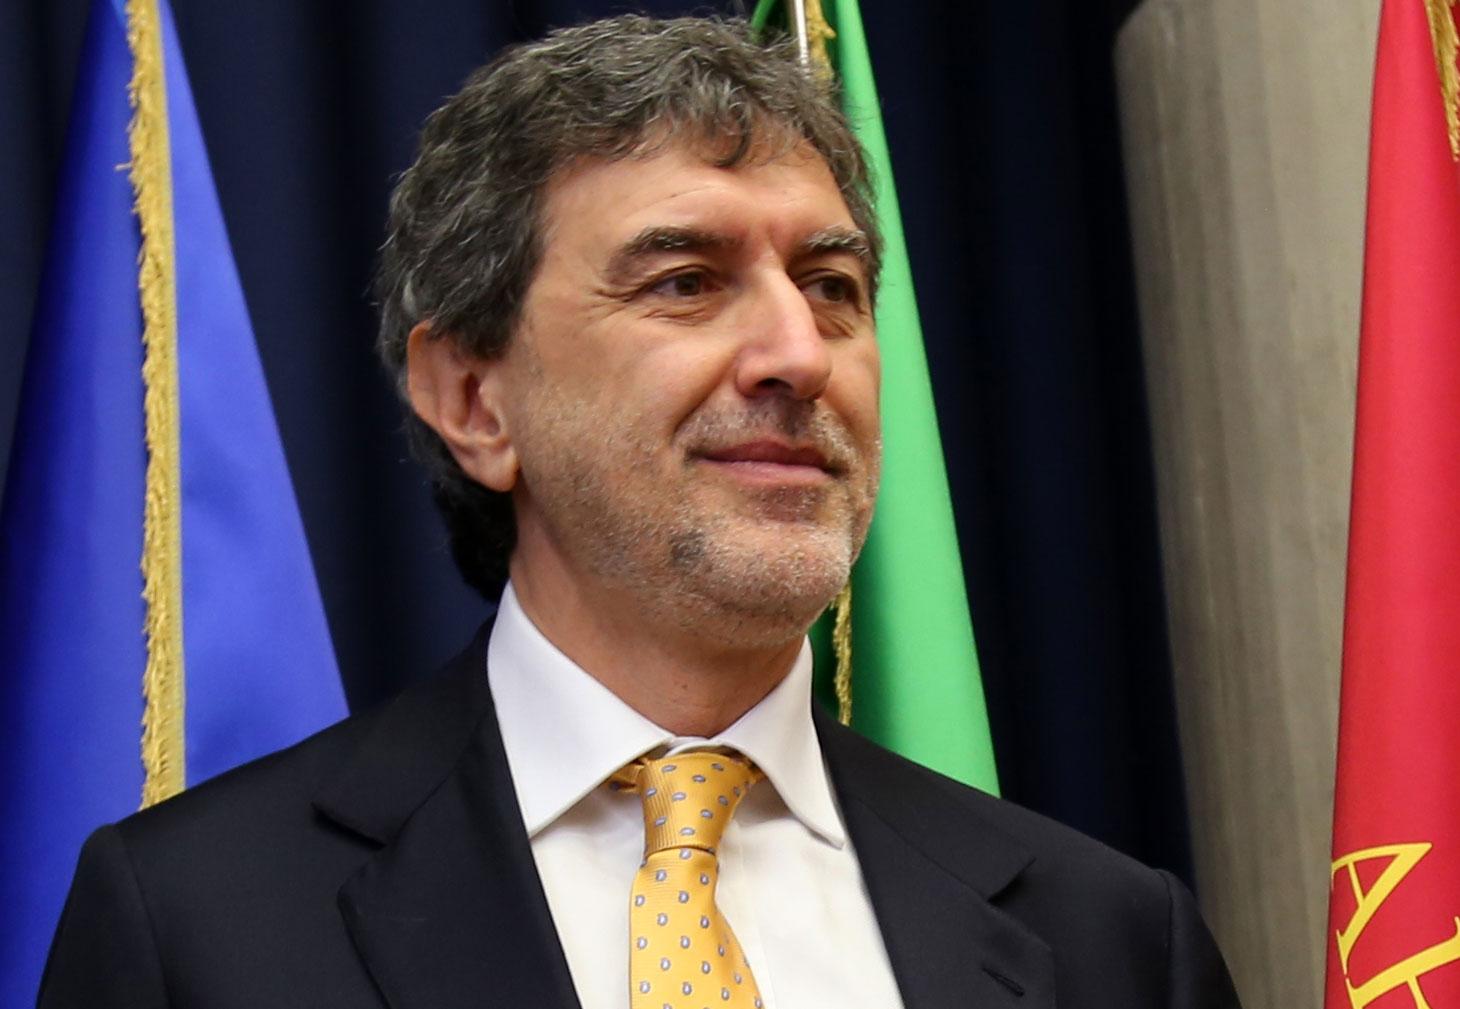 Marsilio pronto a chiudere attività non necessarie in Abruzzo